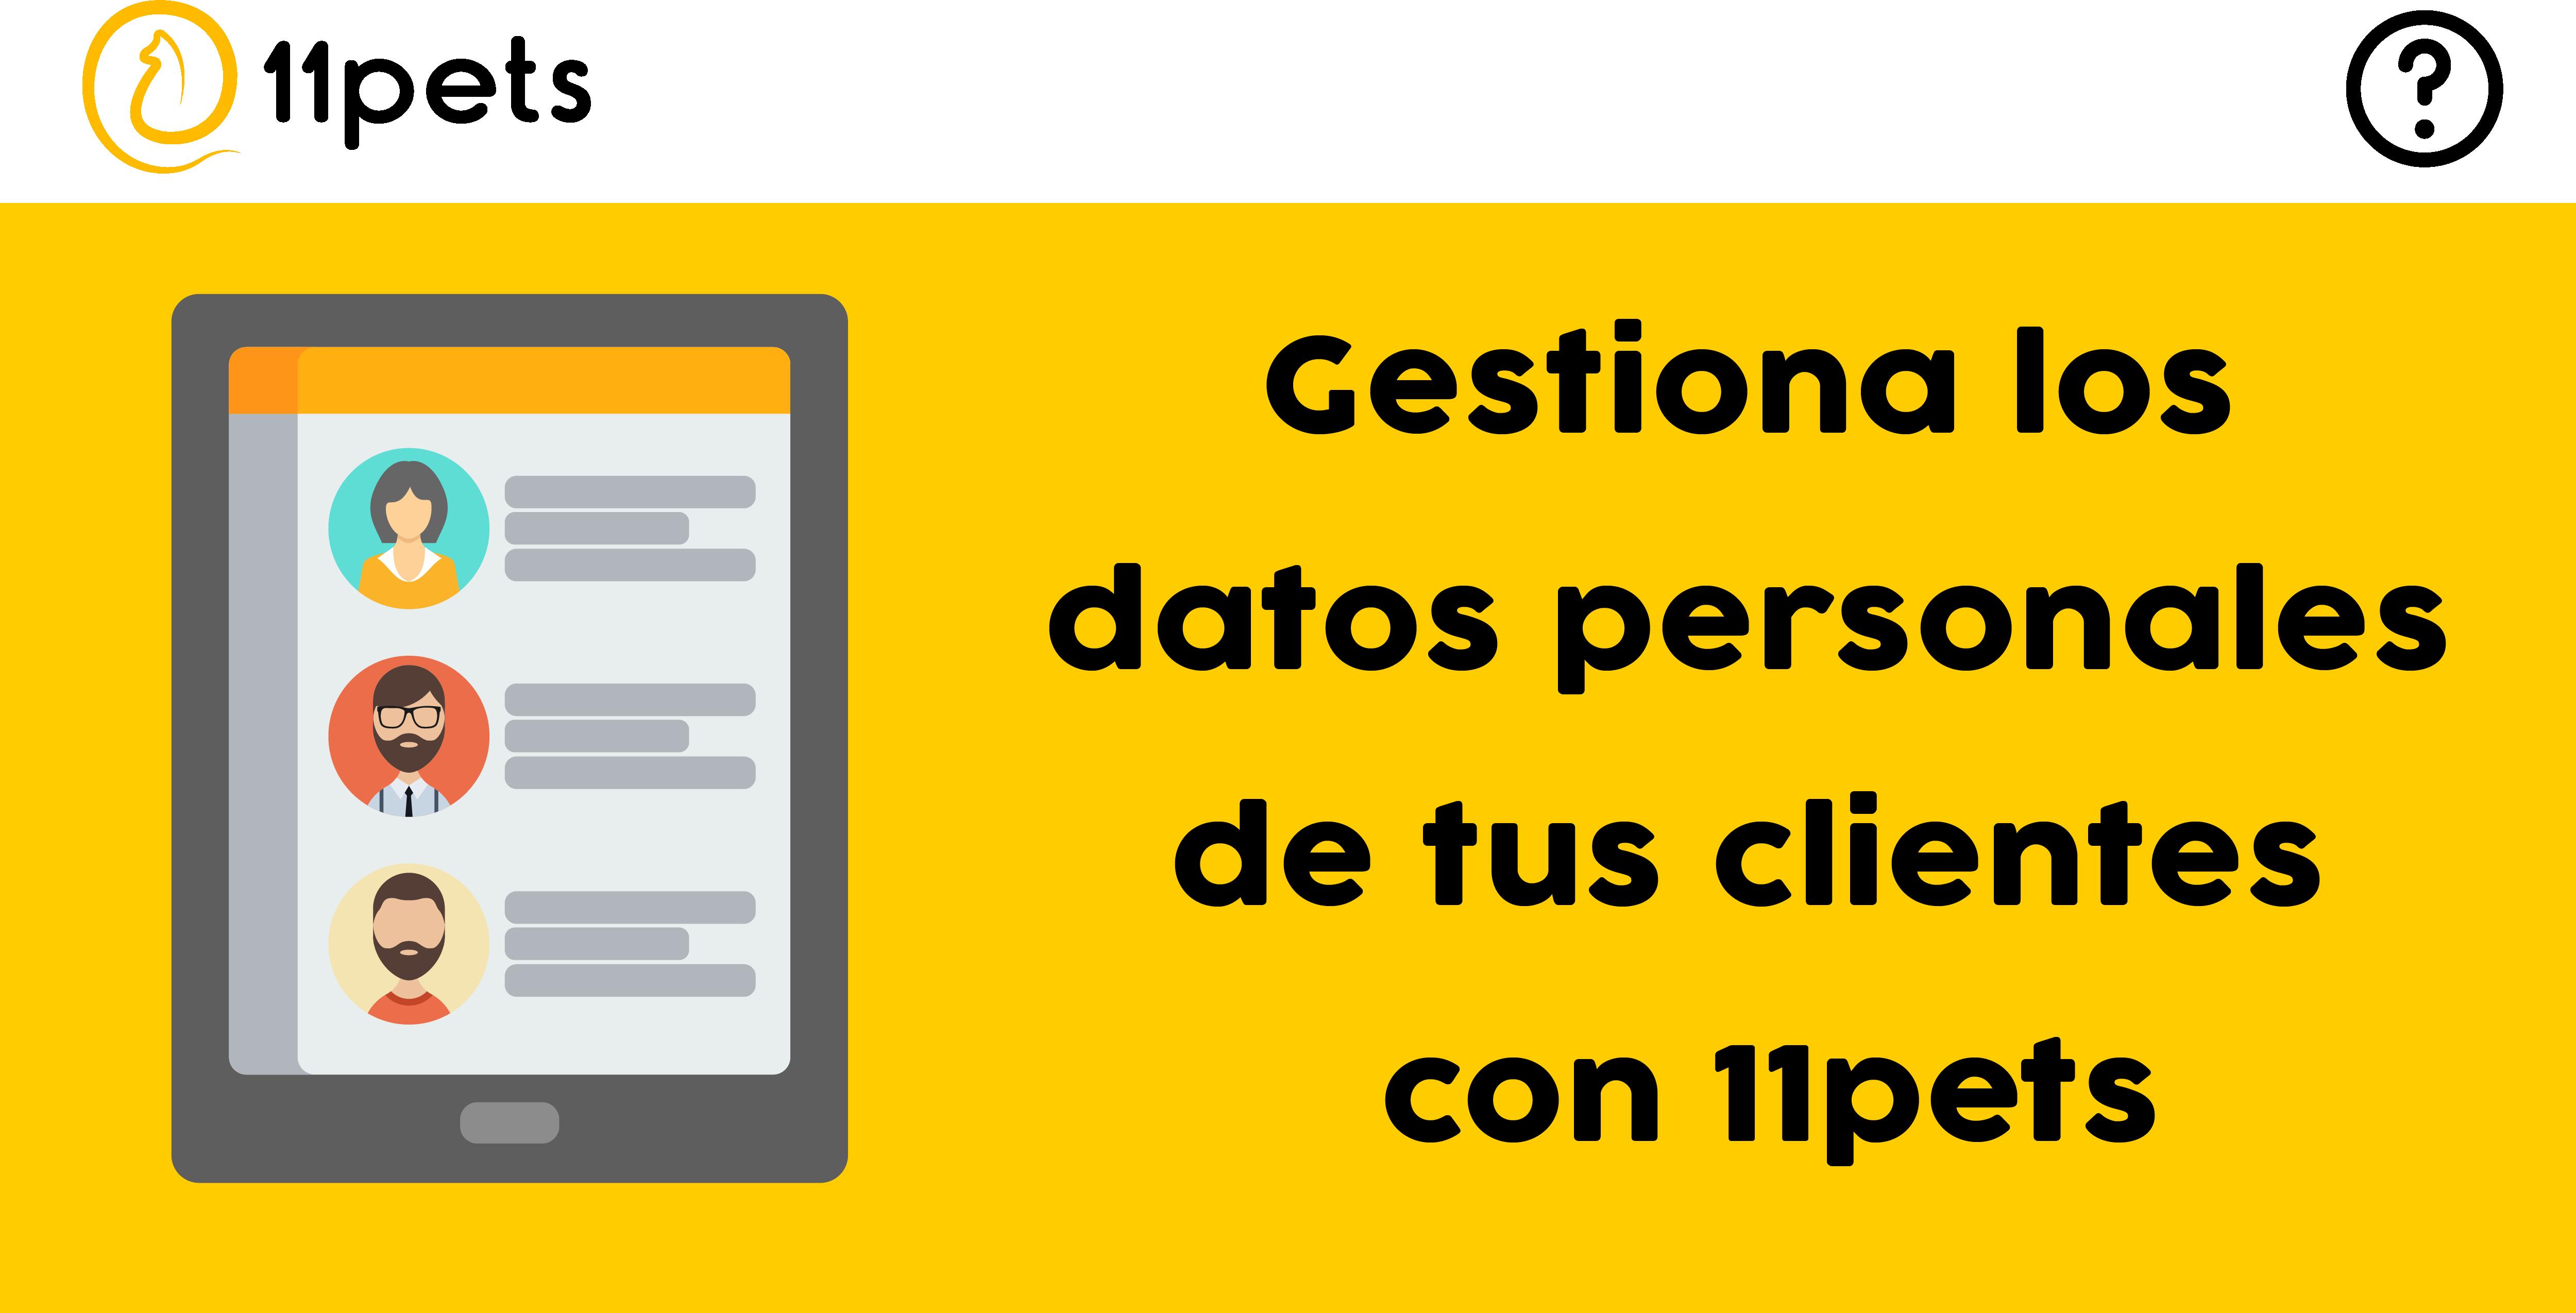 Gestiona los datos personales de tus clientes con 11pets